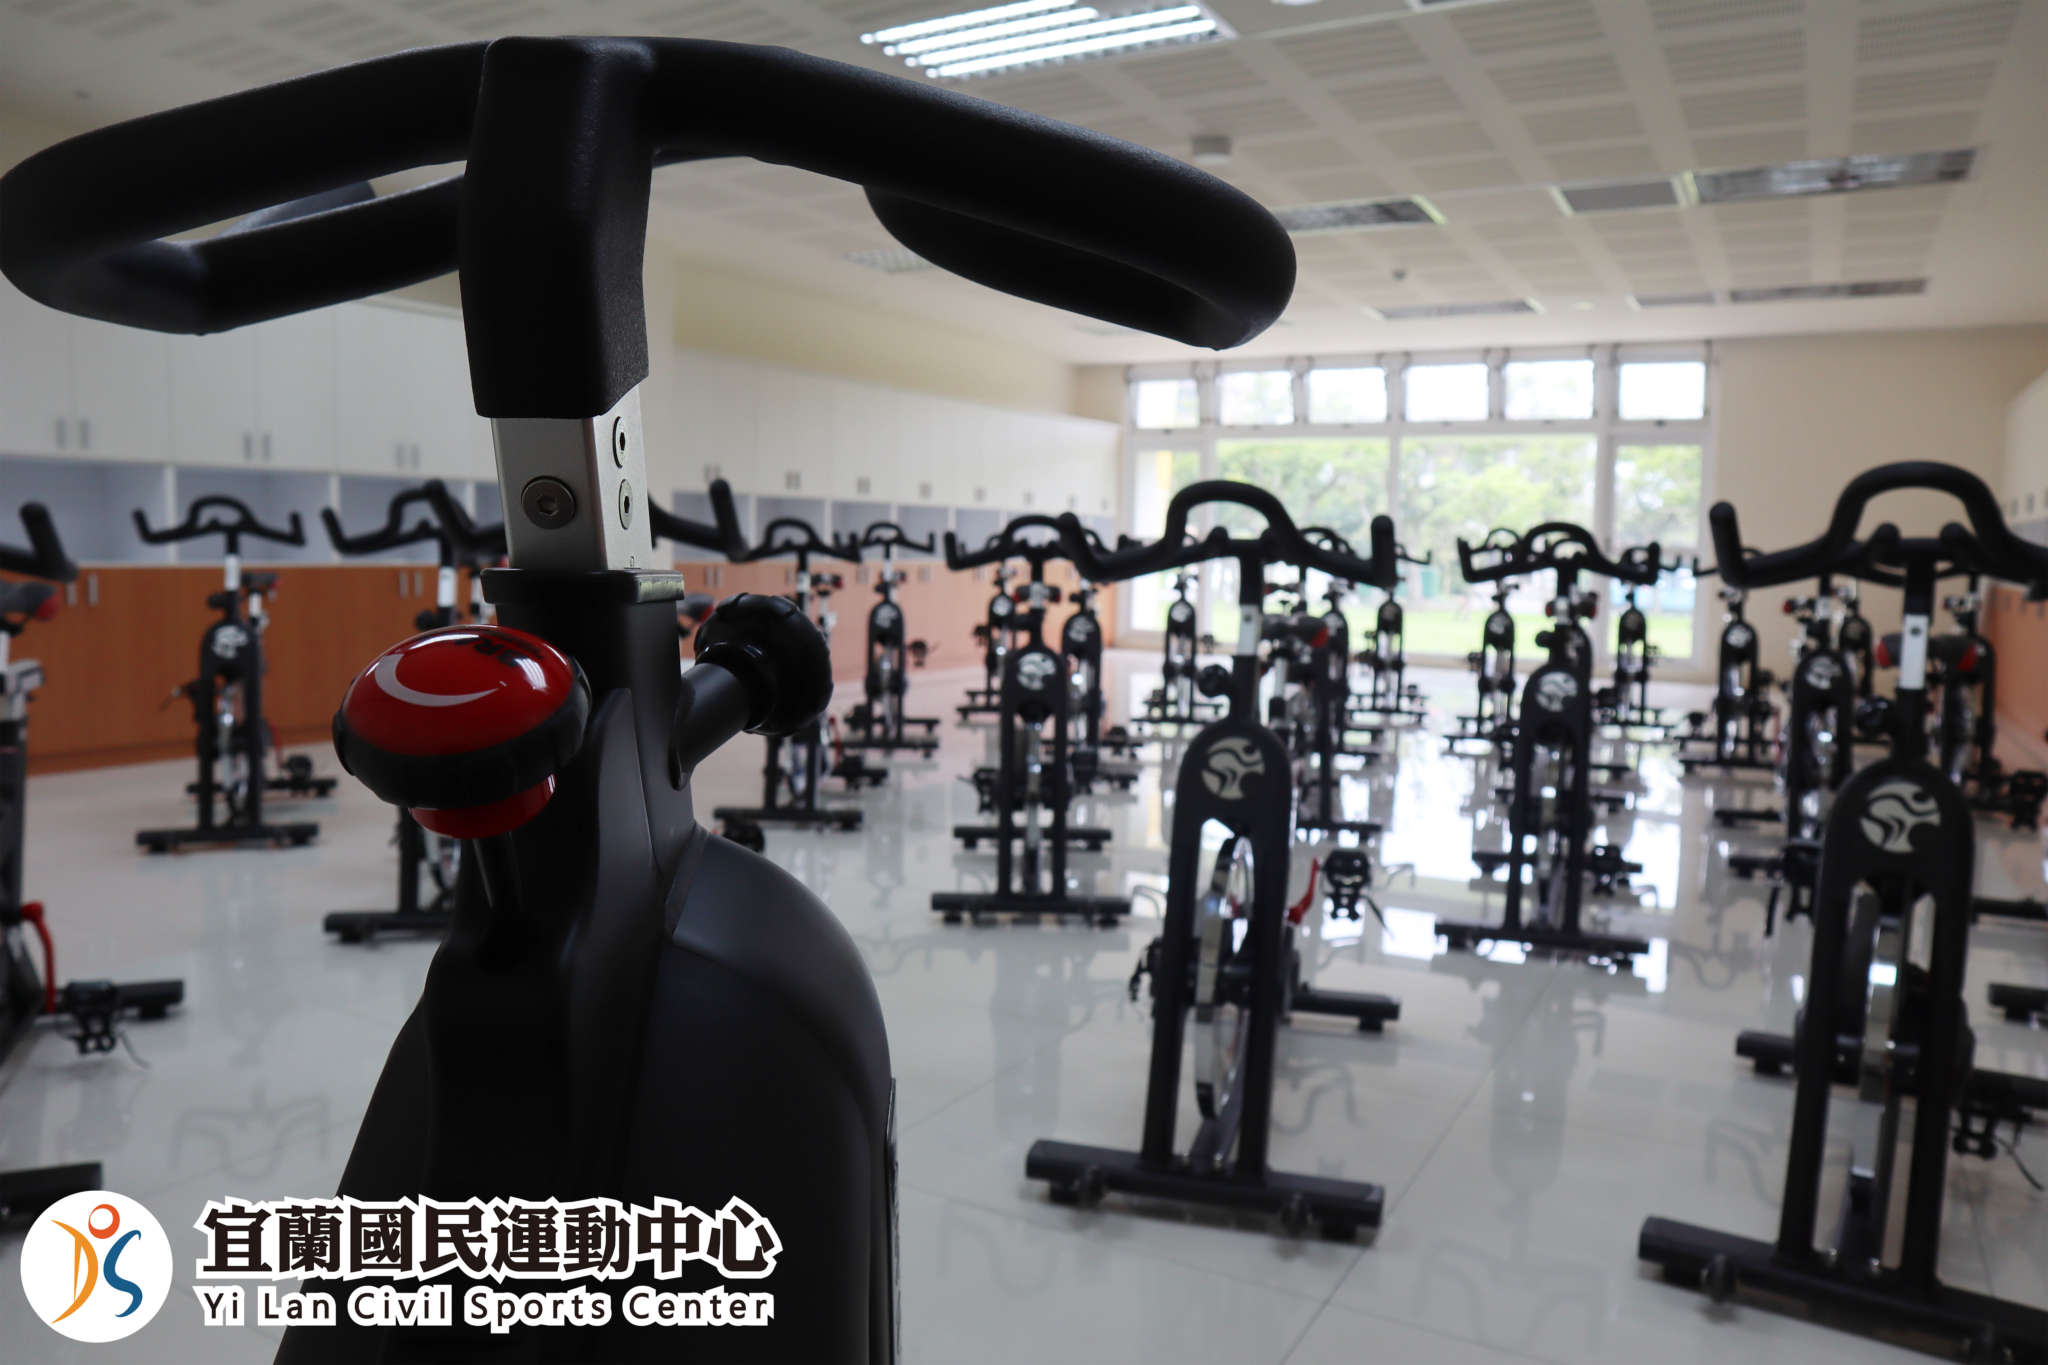 飛輪教室使用新高規格飛輪健身車(jpg)